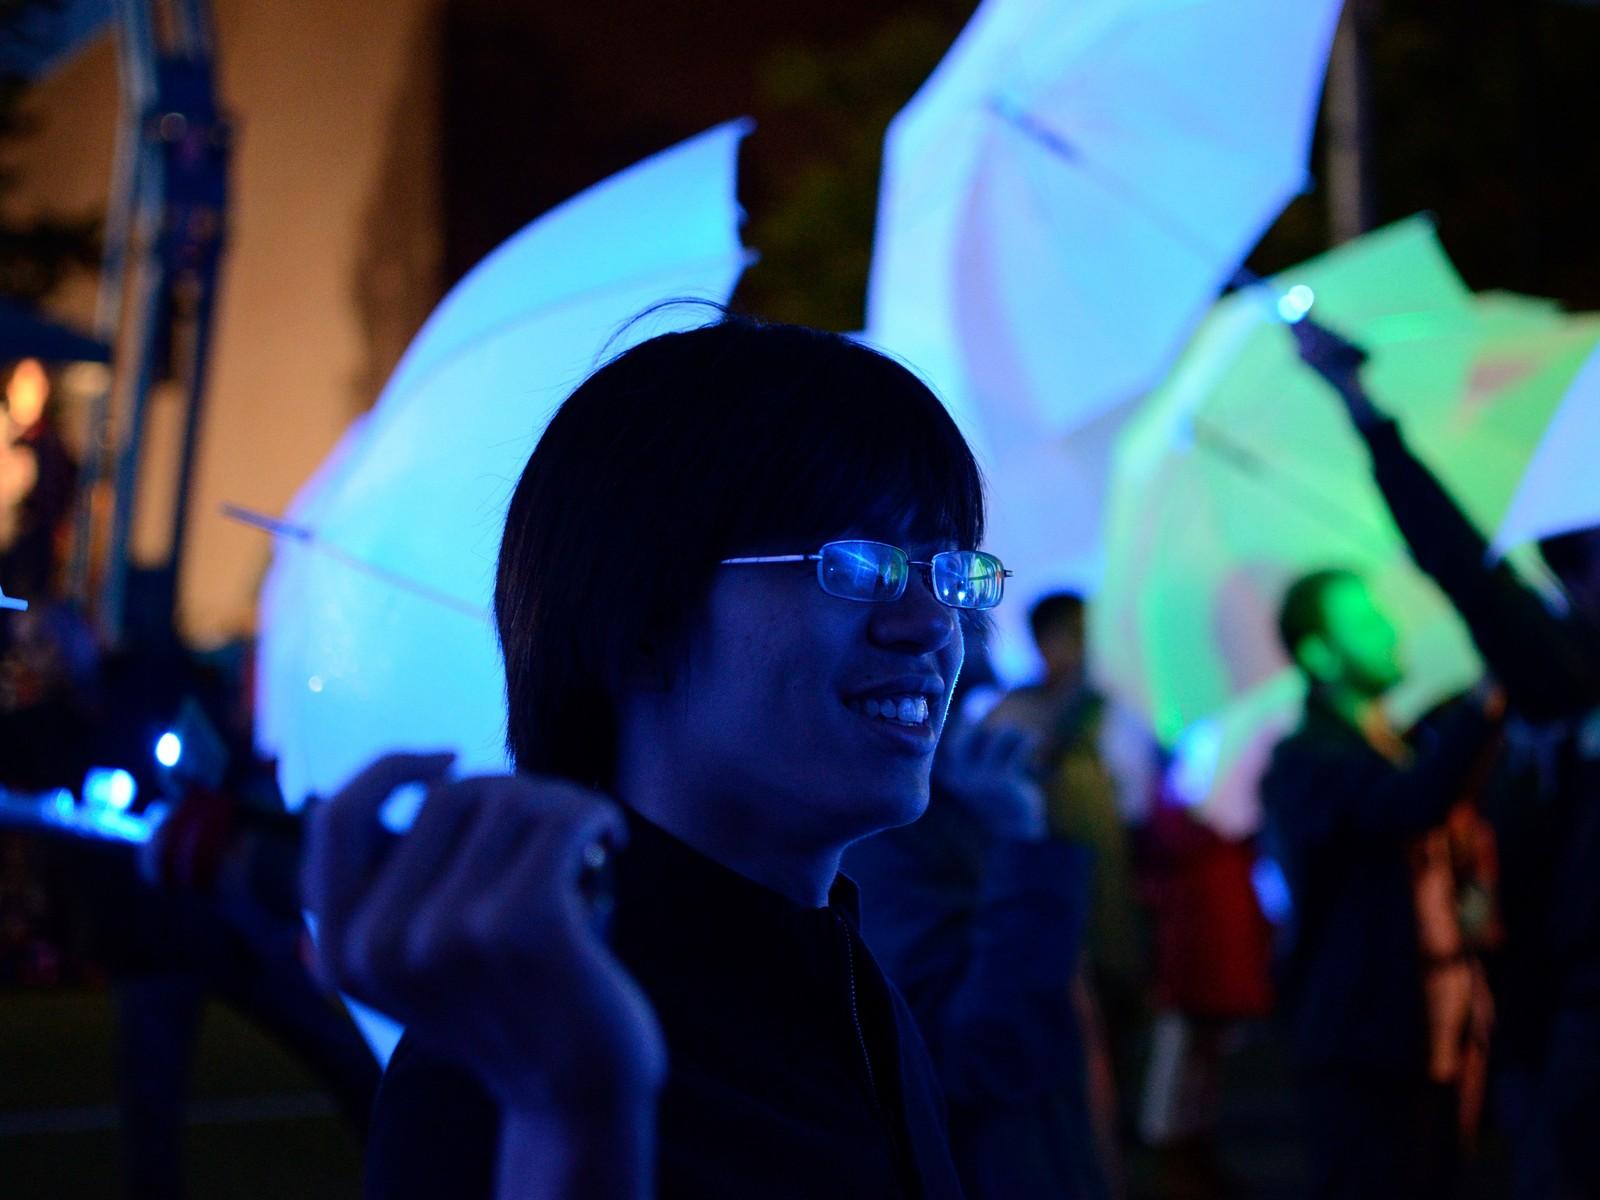 norman-cao-umbrella